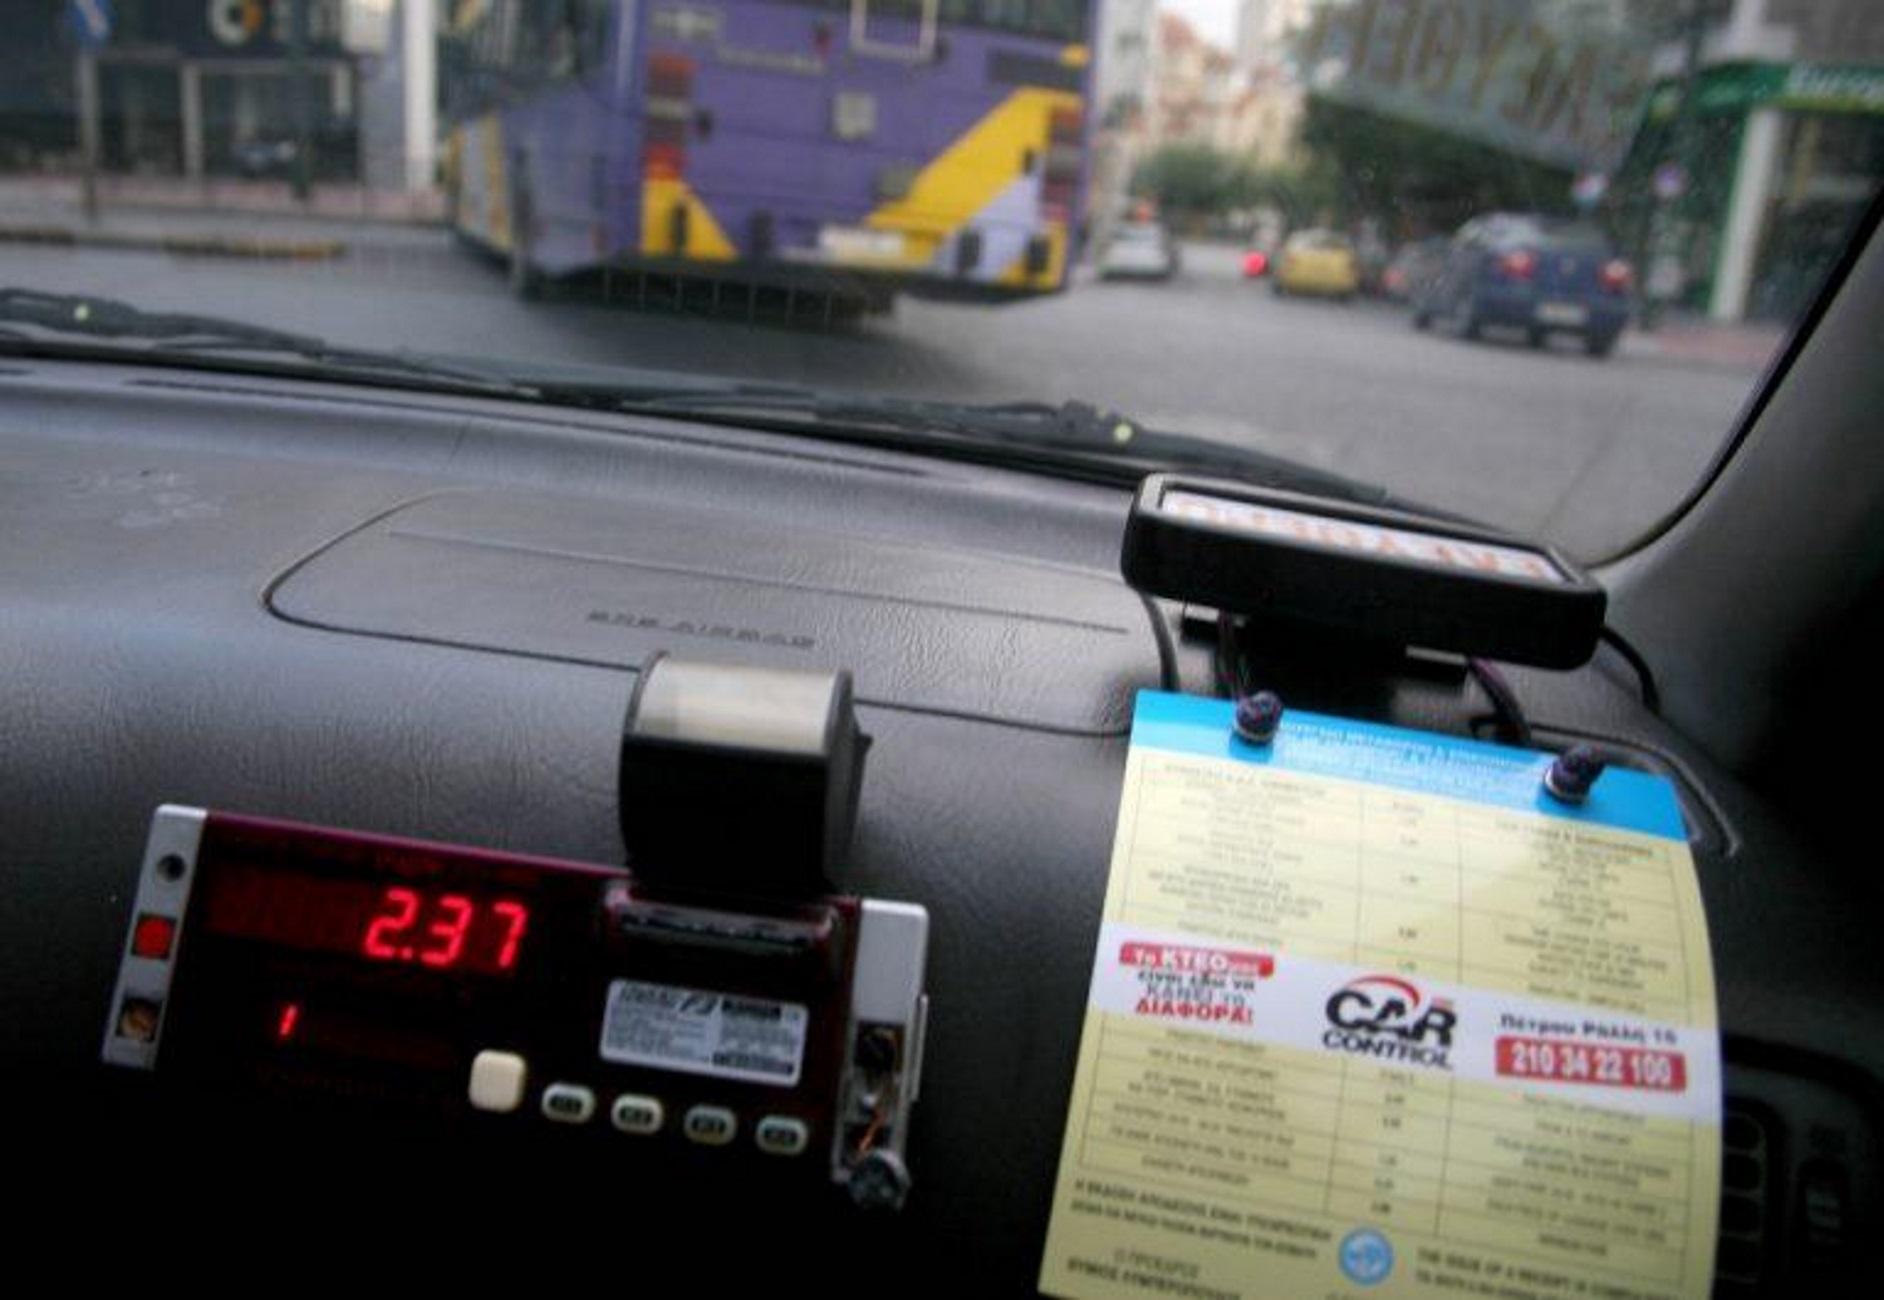 Ρέθυμνο: Ταξιτζής πήγε να τον πατήσει επειδή θύμωσε! Πανικός στη μέση του δρόμου